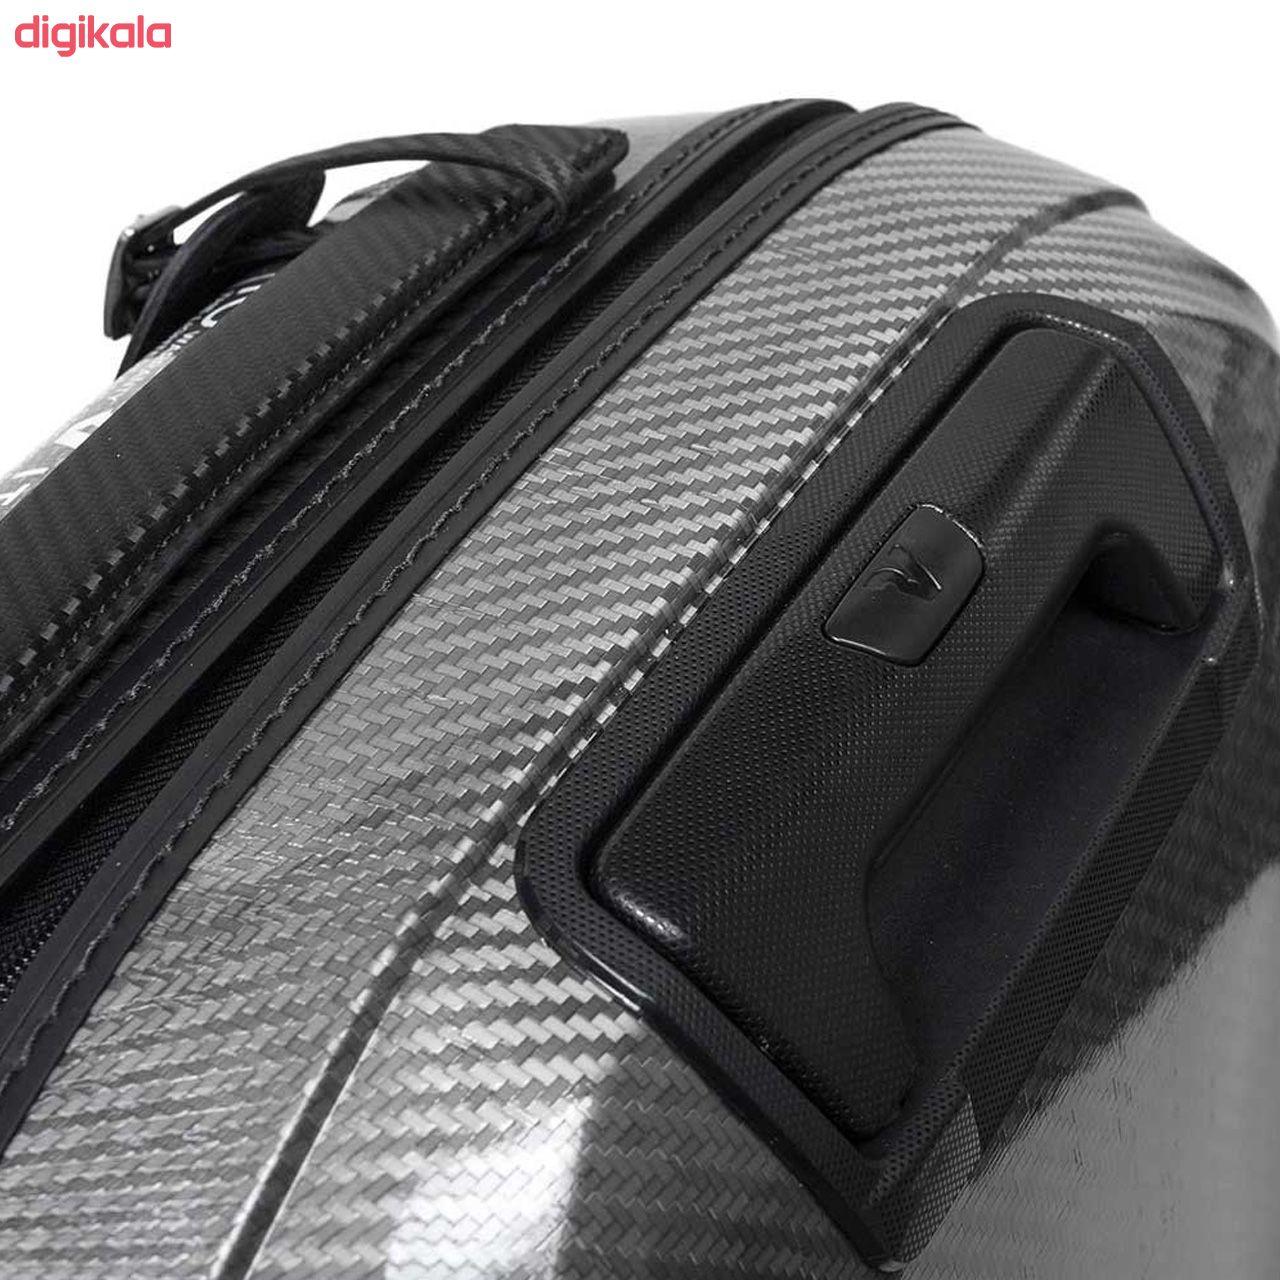 مجموعه سه عددی چمدان رونکاتو مدل 5950 main 1 17